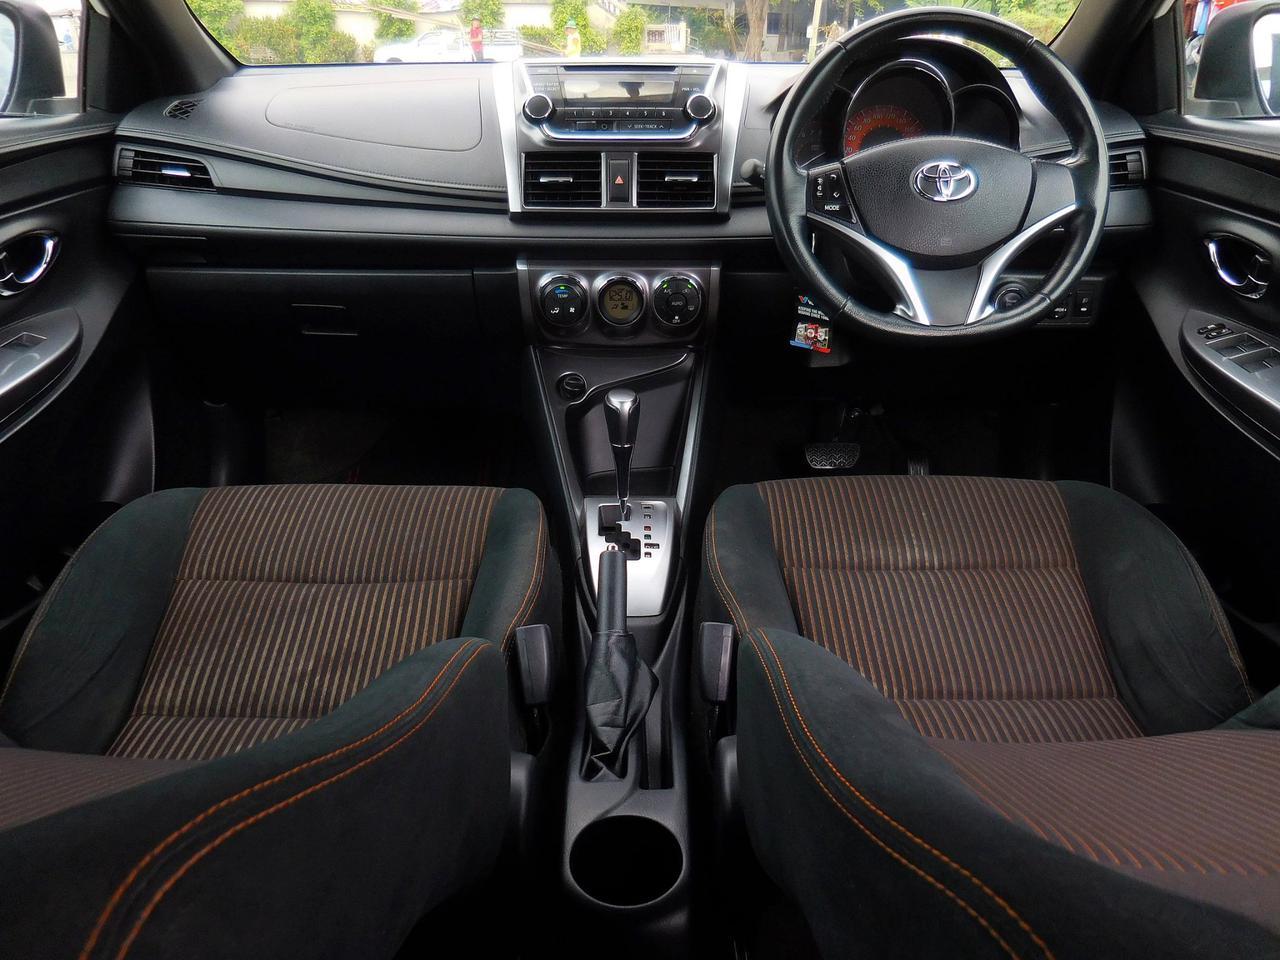 ฟรีดาวน์ ออกรถ 0 บาท TOYOTA YARIS ปี 2013 รุ่นท็อปสุด 1.2 GE-CO อีโค่คาร์ สีขาว ไม่เคยชน ราคาถูก พร้อมใช้ ปุ่มสตาร์ท รูปที่ 6